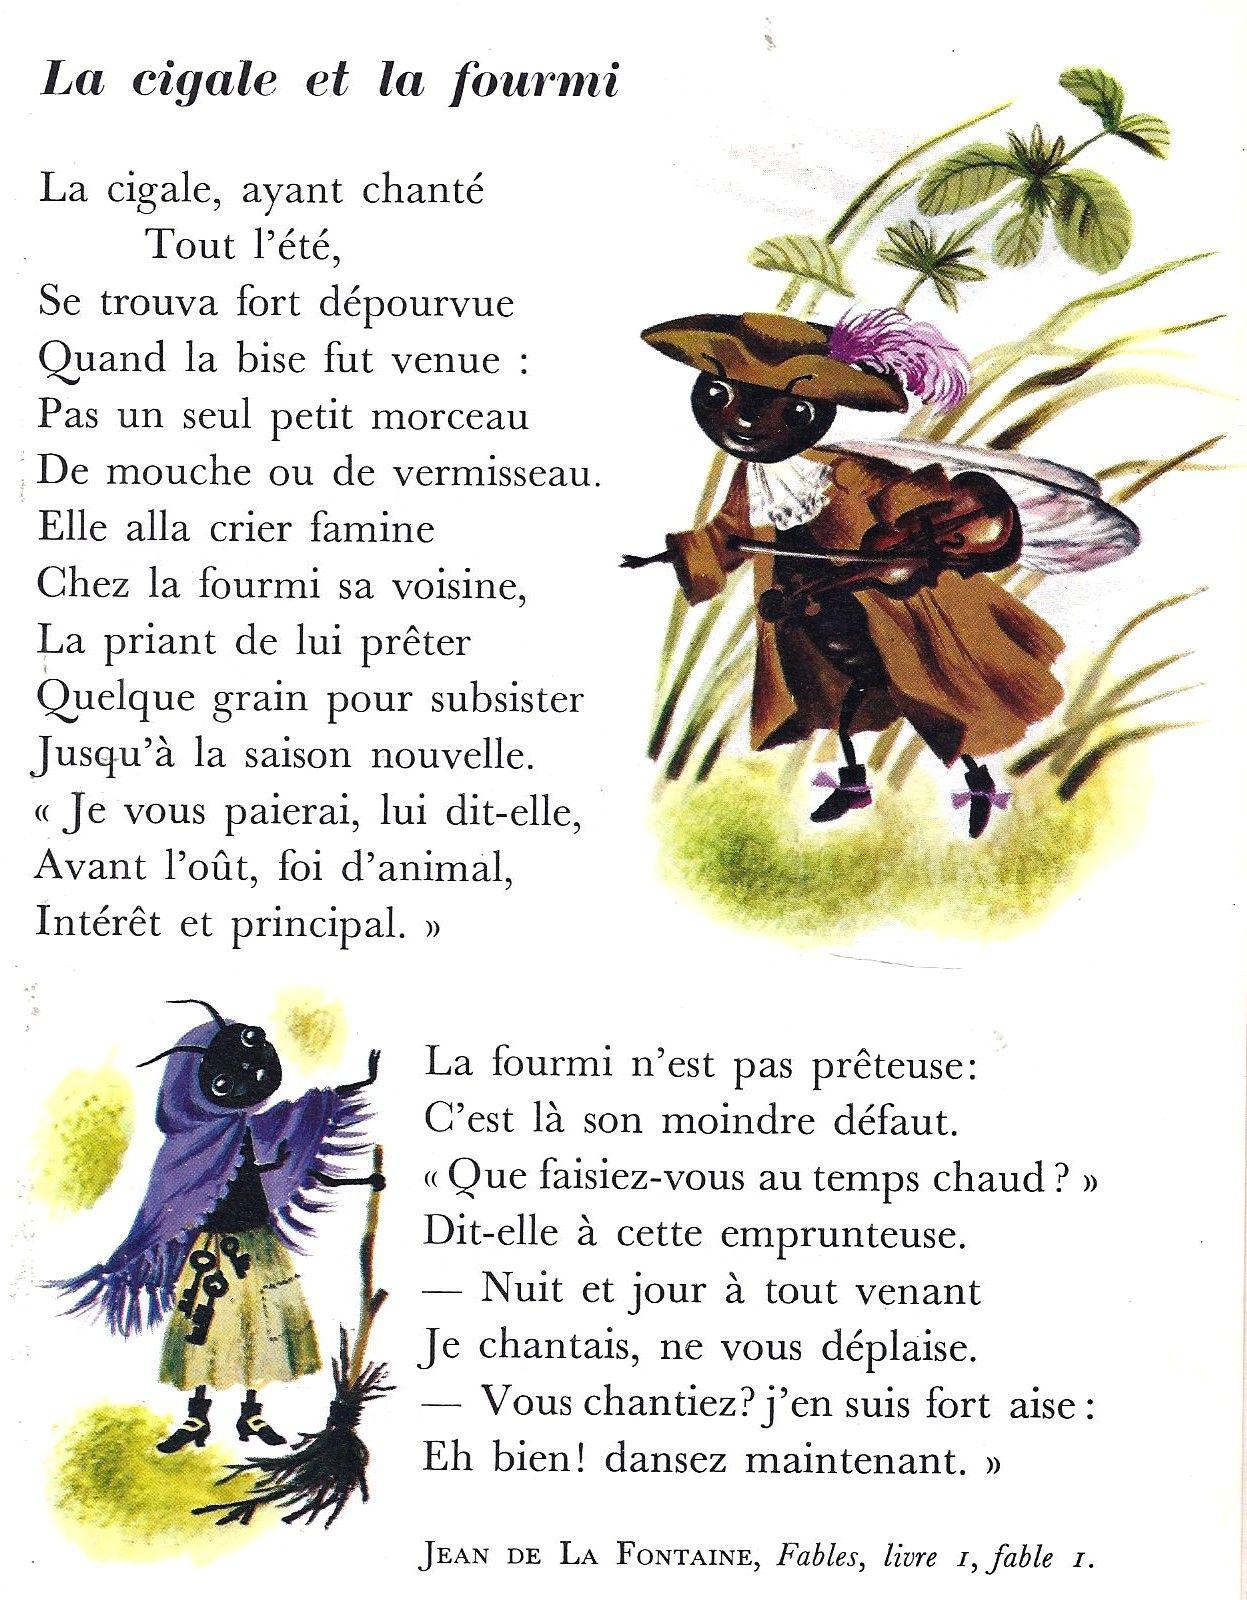 Image La Cigale Et La Fourmi : image, cigale, fourmi, Épinglé, Illustration, Graphic, Design